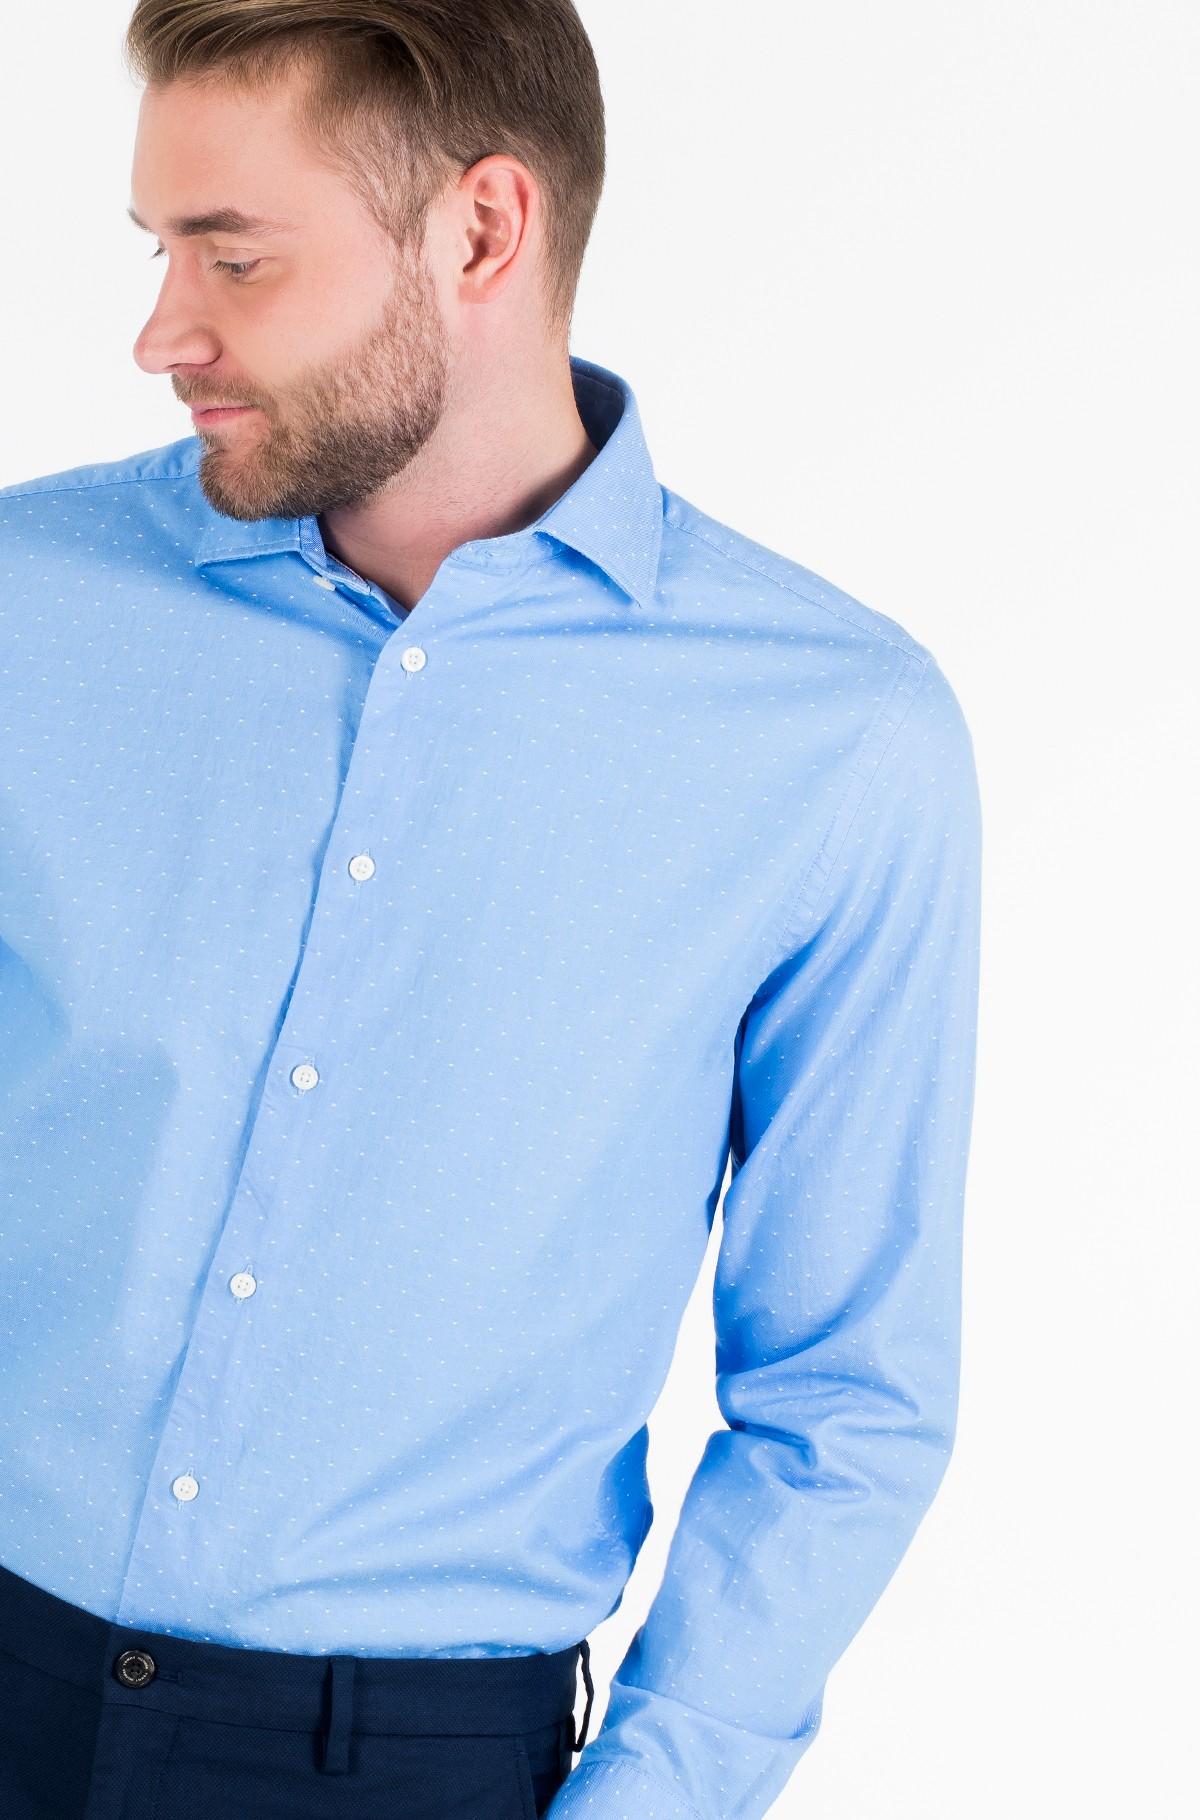 Marškiniai TWO TONE DOBBY SHIRT-full-2